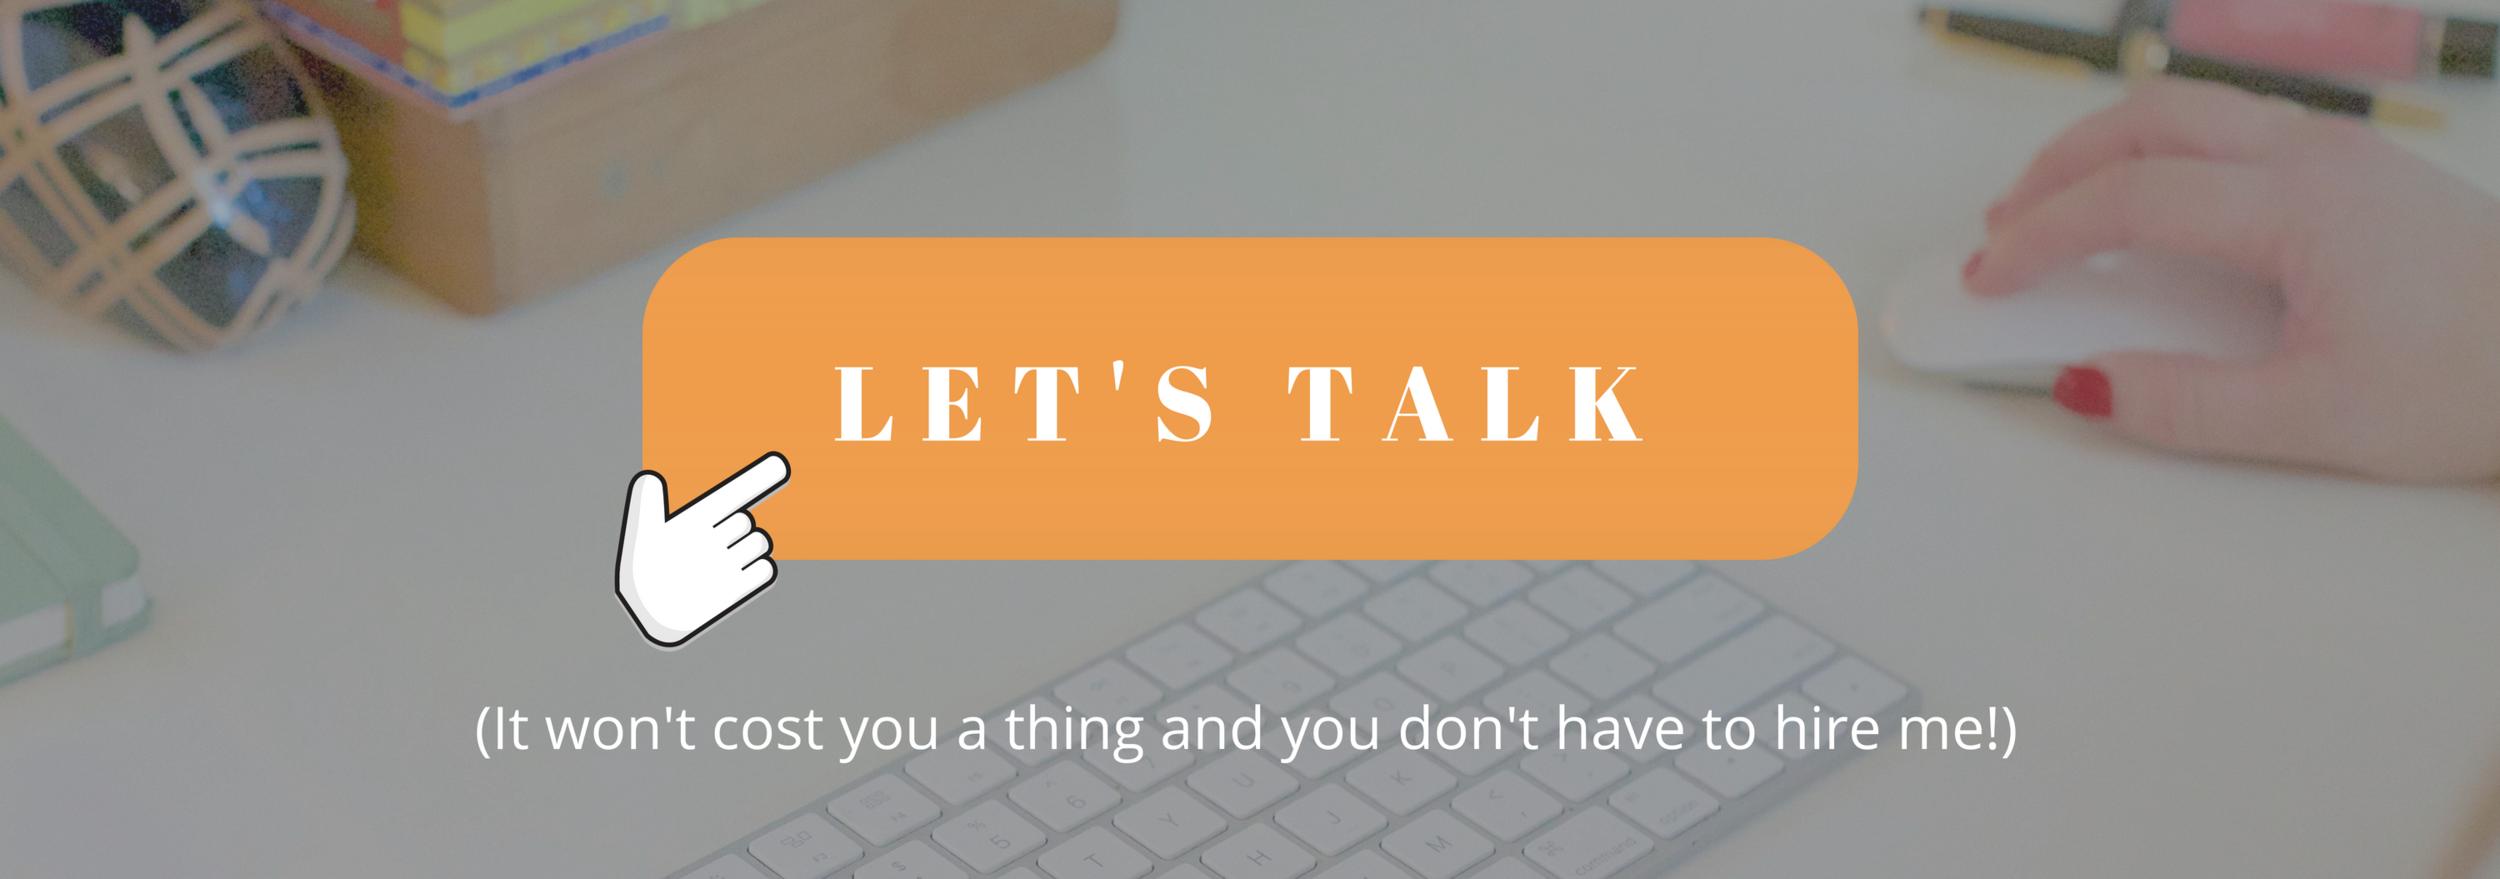 CTA - Let's Talk.png